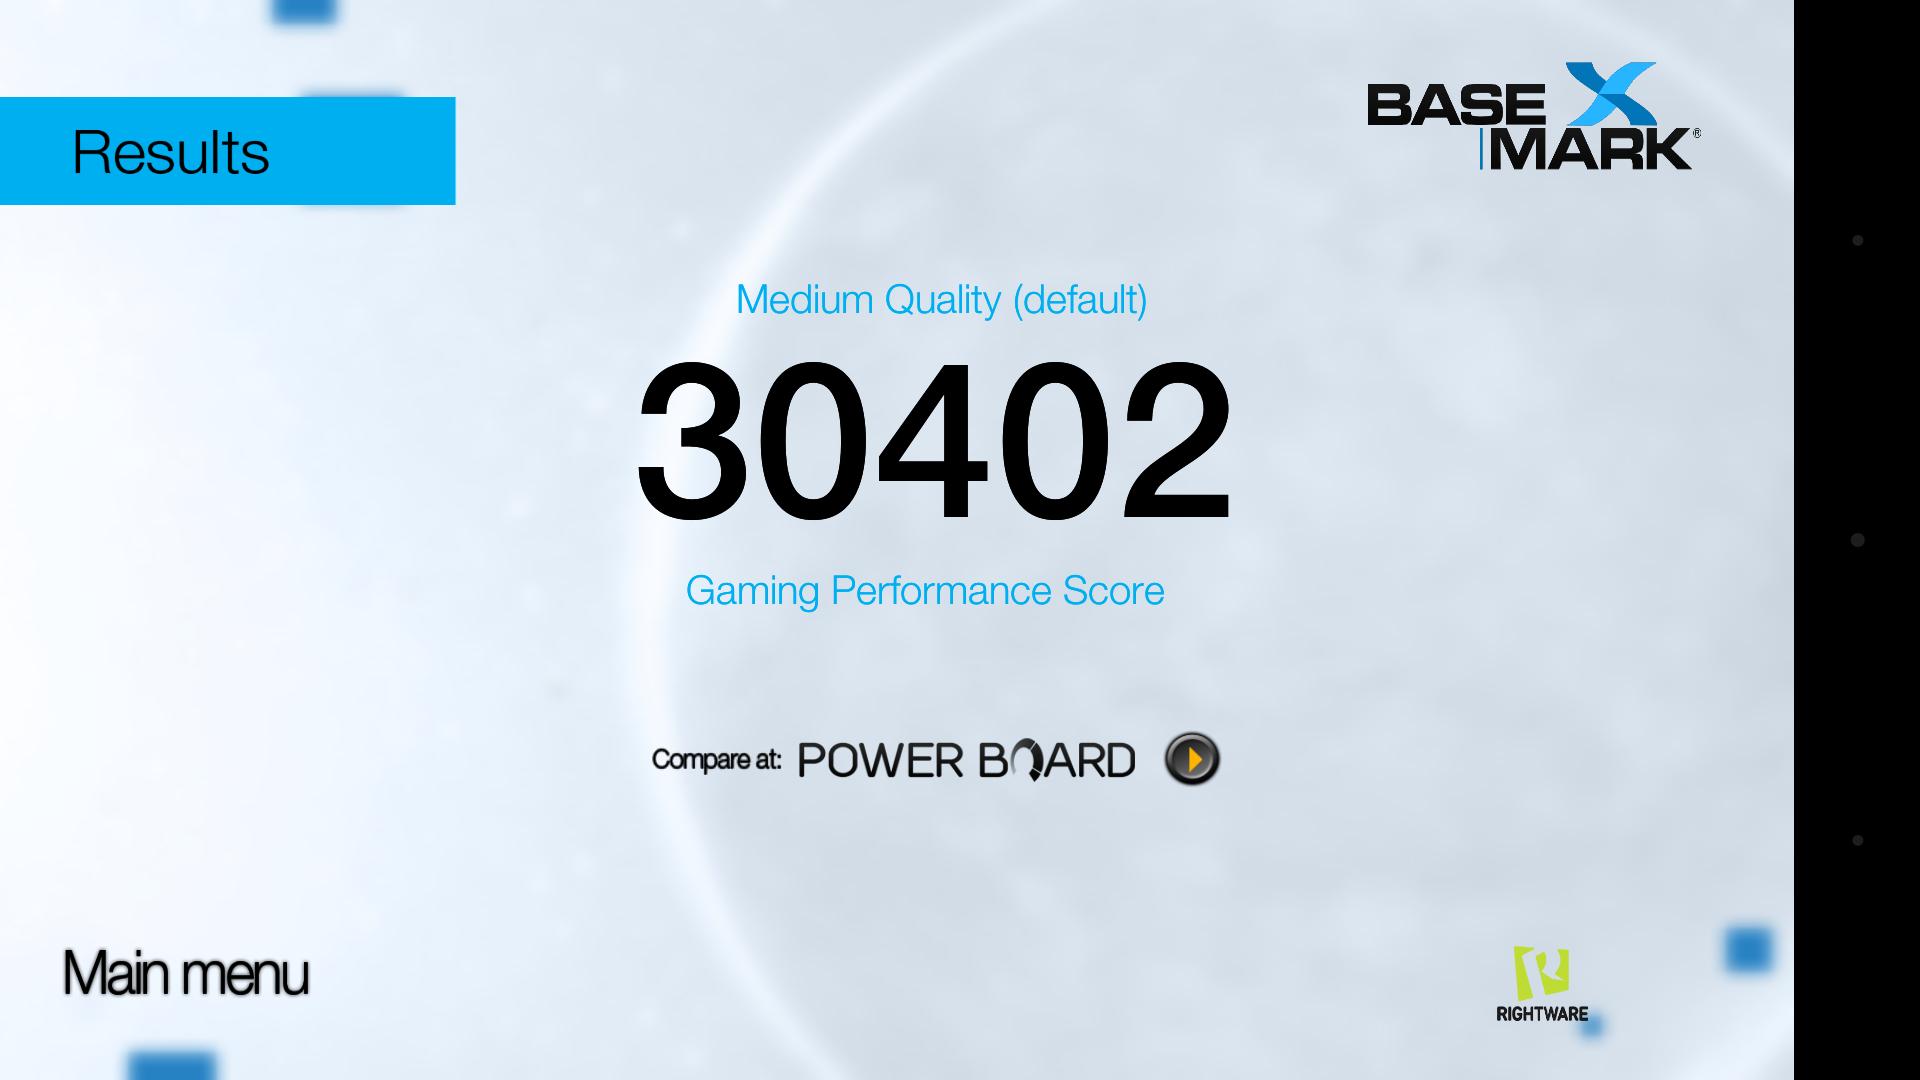 Honor 8 – Basemark OS